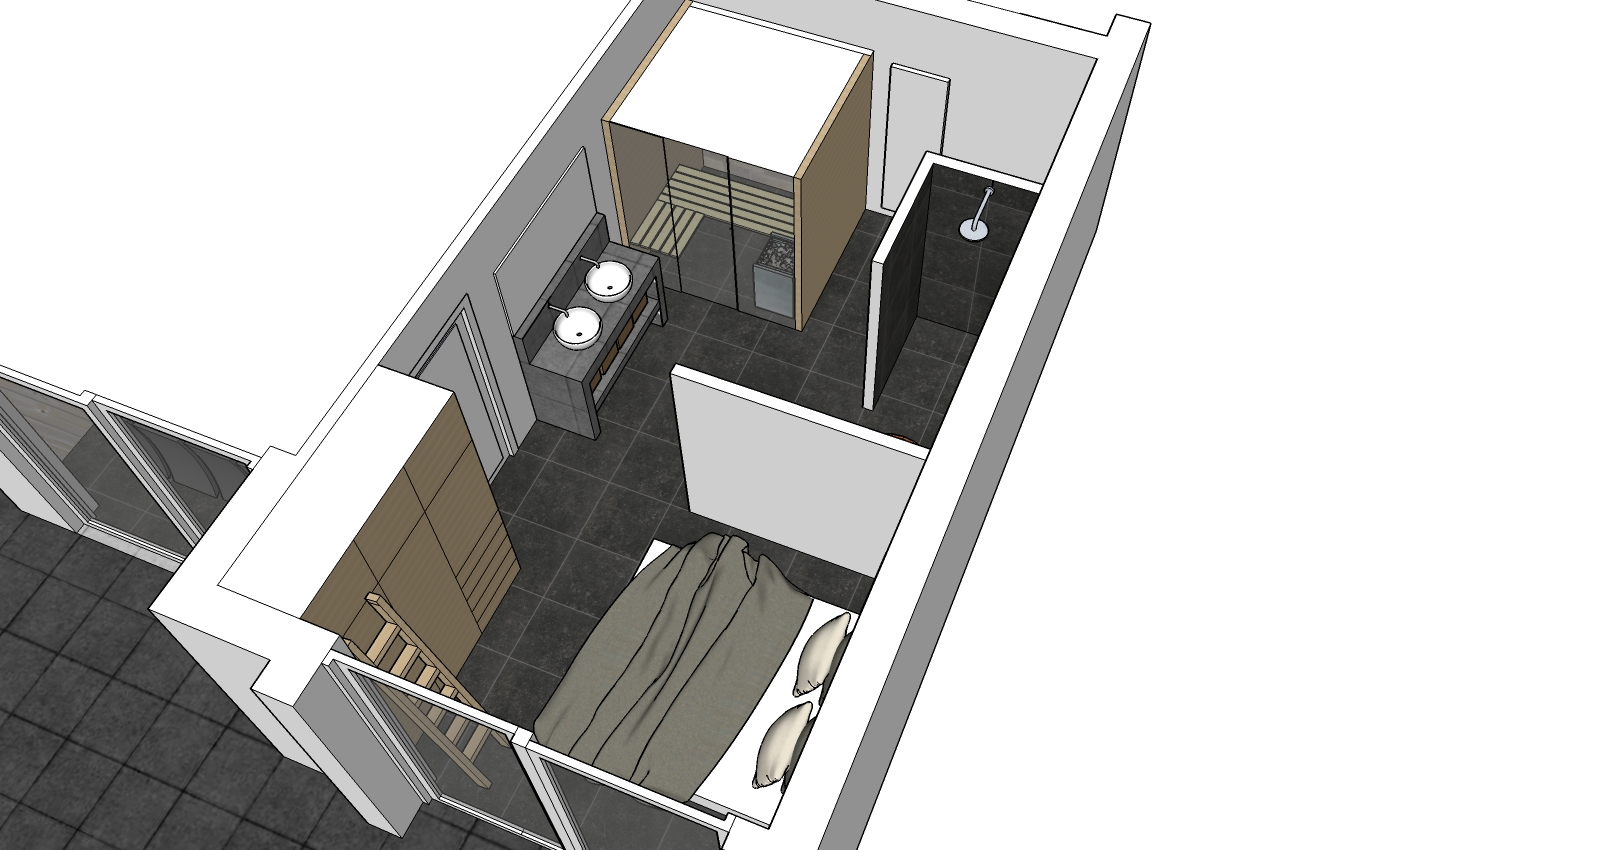 Slaapkamer Met Badkamer : Sauna en Wellness, mijn ontwerp en verhaal ...